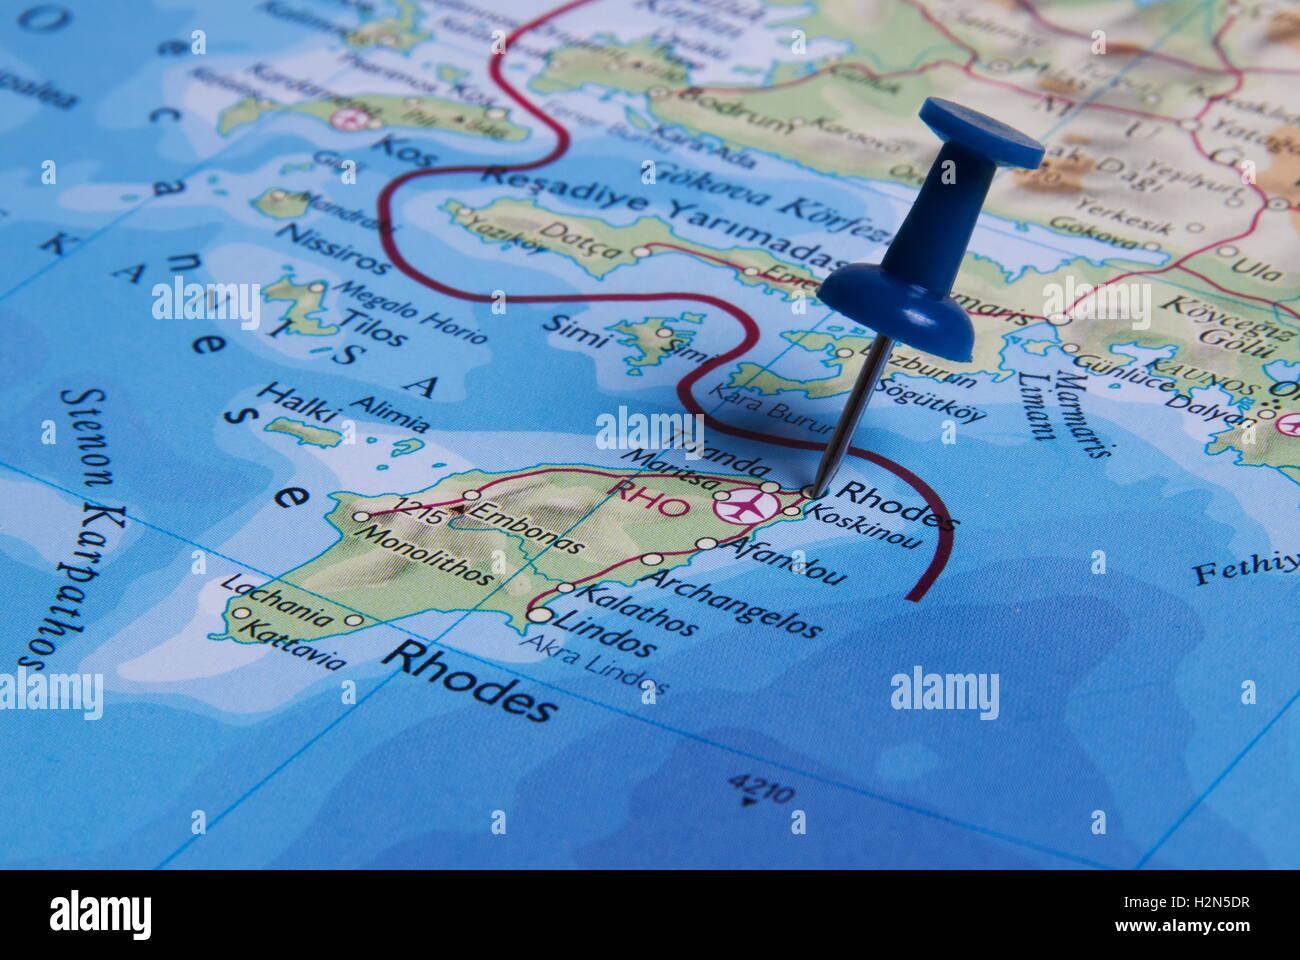 Rhodos Karte.Rhodos In Der Karte Mit Pin Stockfoto Bild 122167187 Alamy